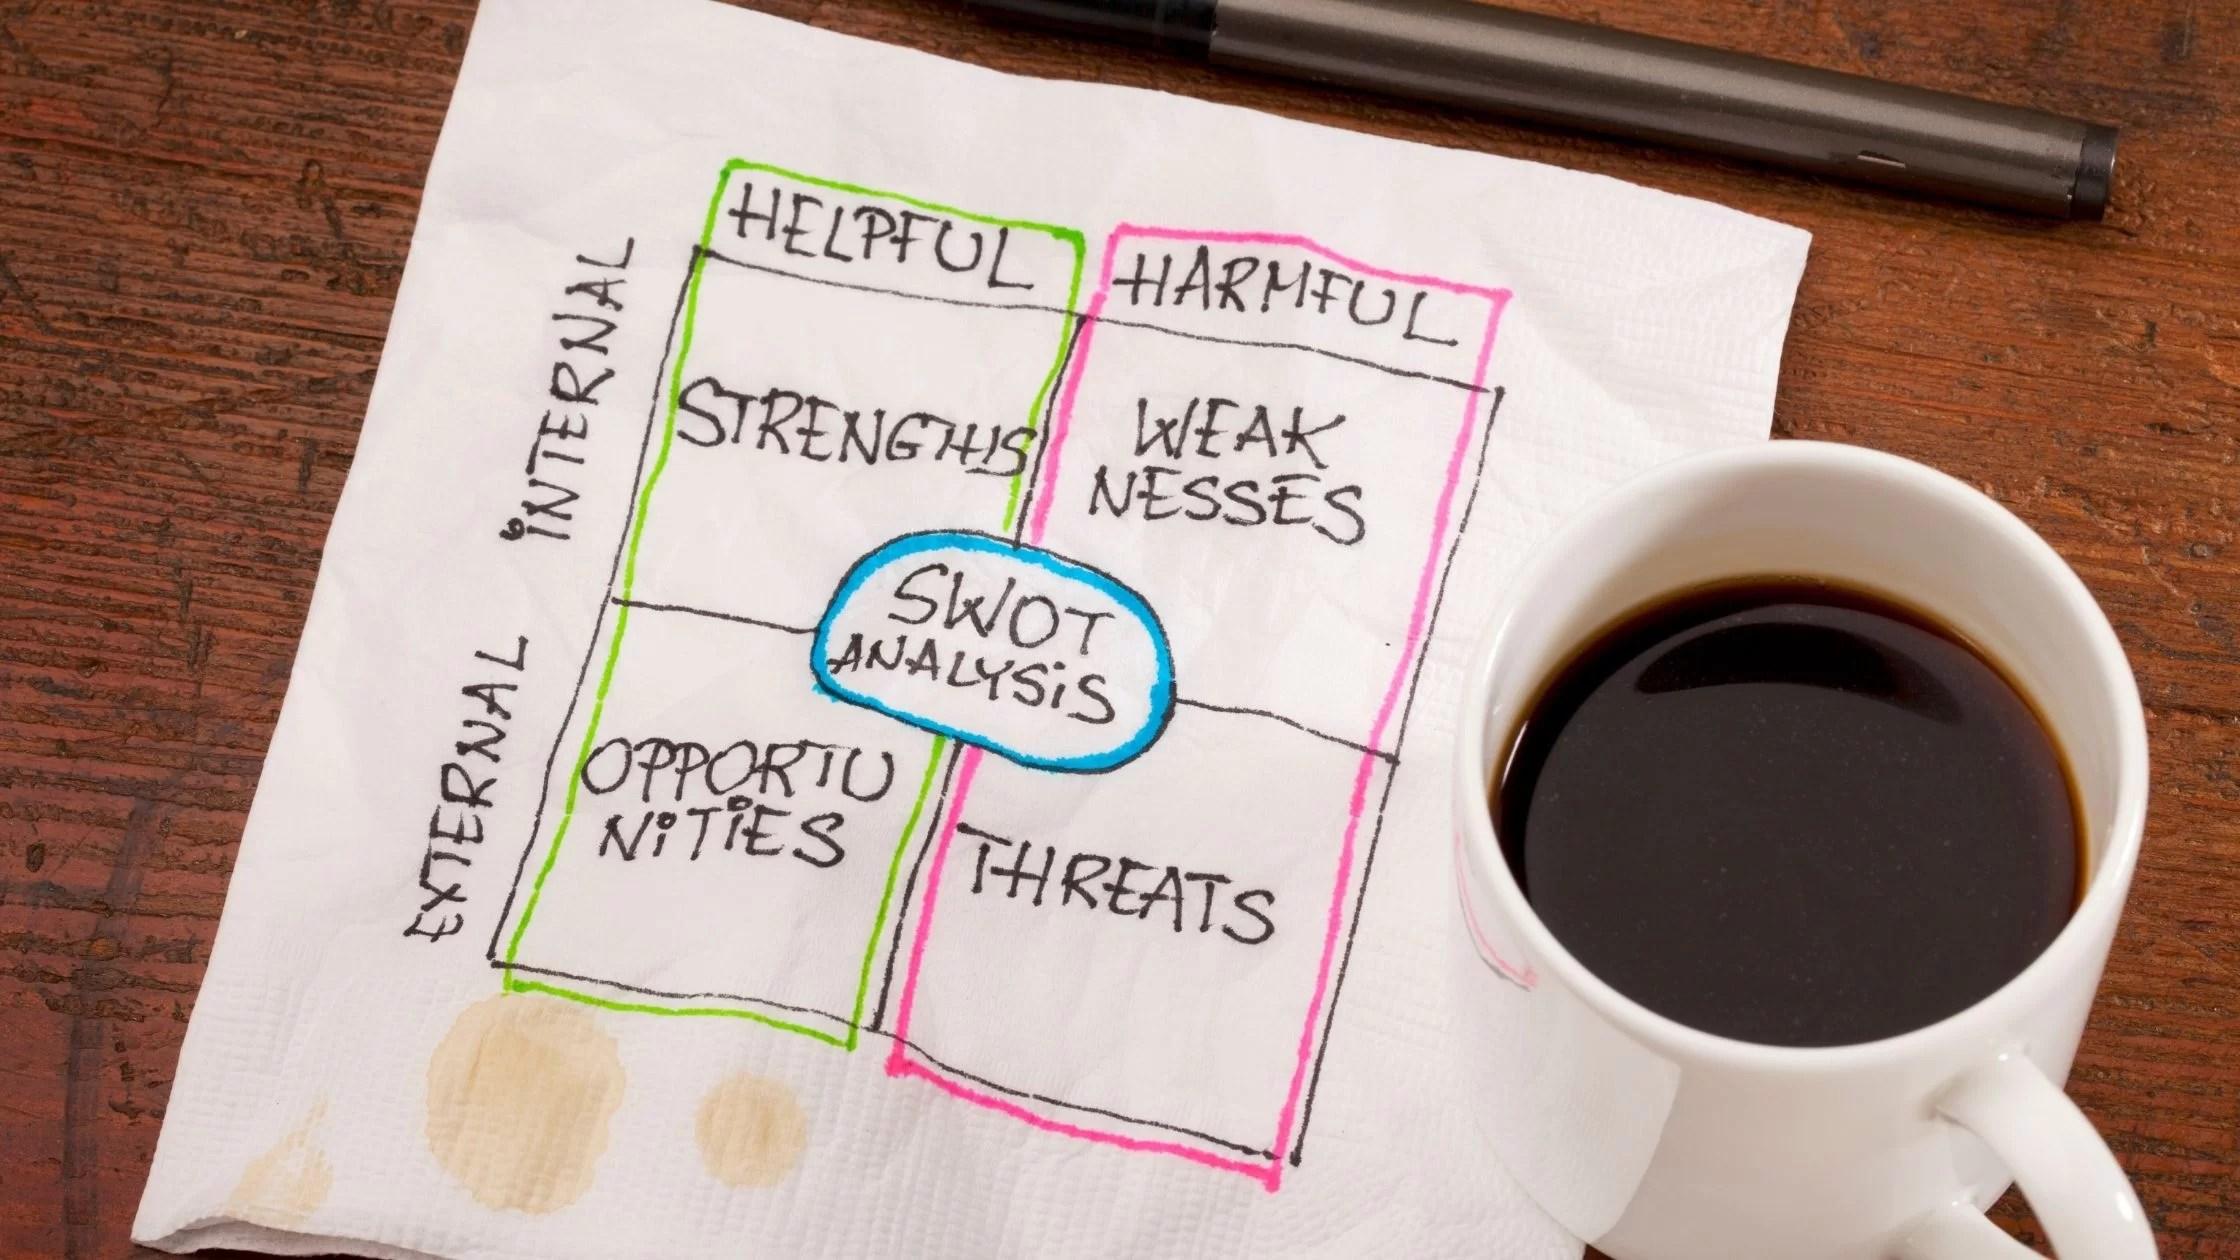 SWOT Analysis: cos'è e come si fa